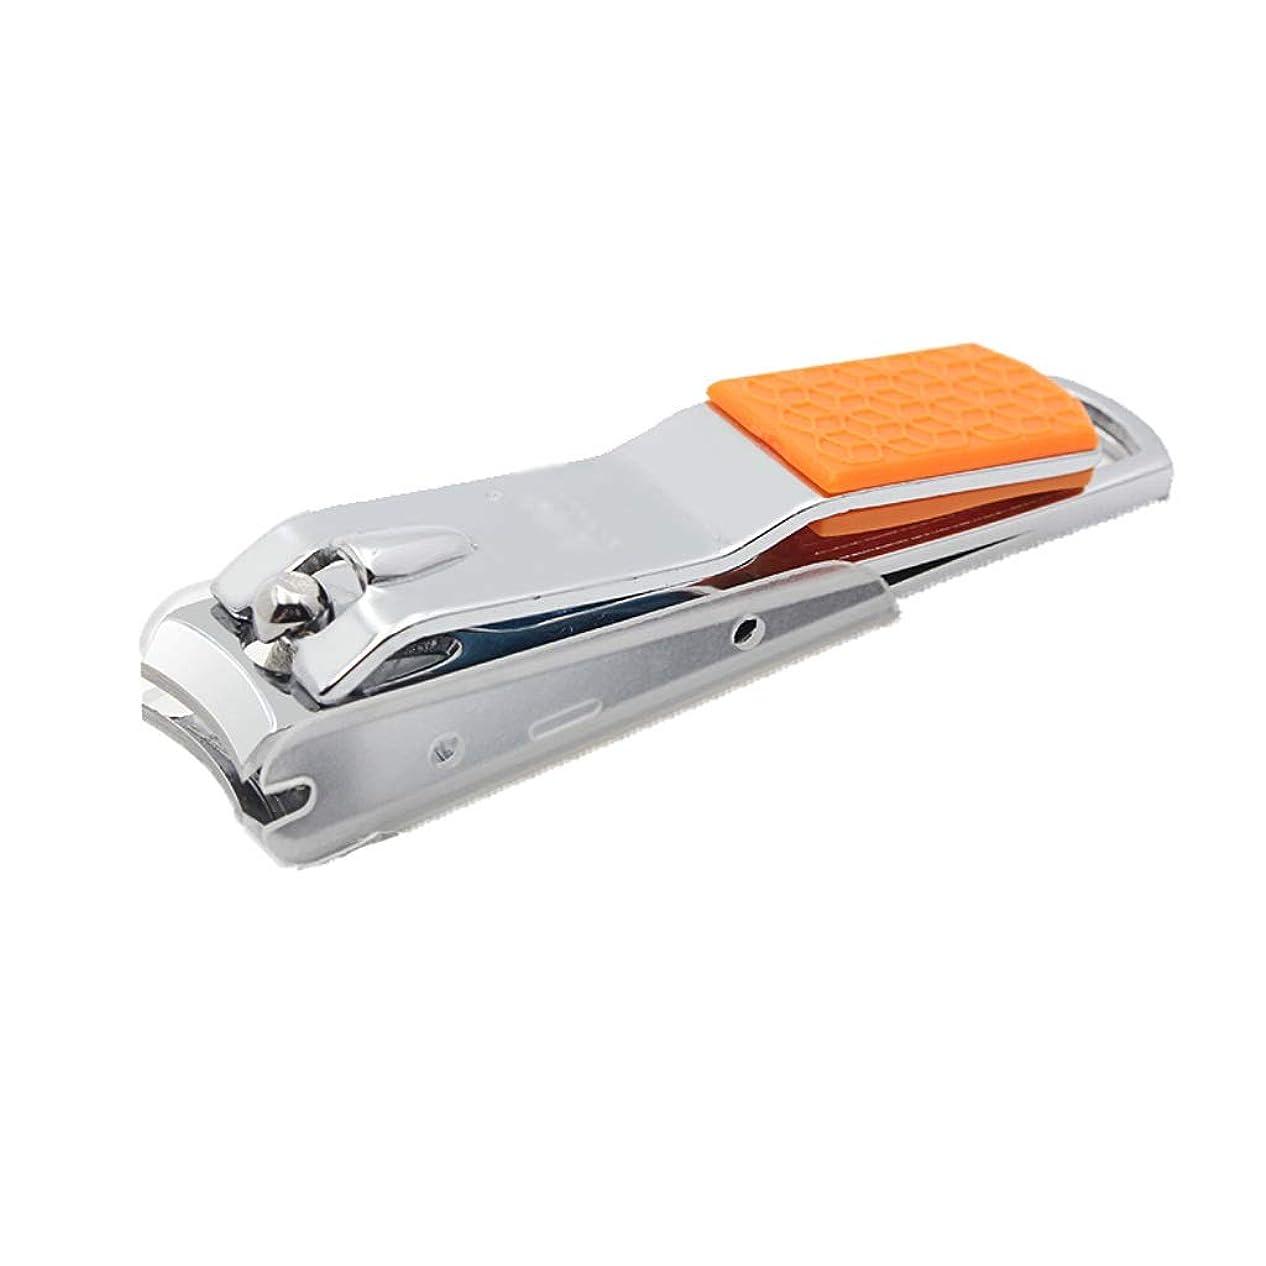 置換ブリード気づくネイルファイルとネイルクリッパープロフェッショナルネイルクリッパーステンレス鋼キューティクルネイルクリッパー品質ネイルクリッパー (Color : A)